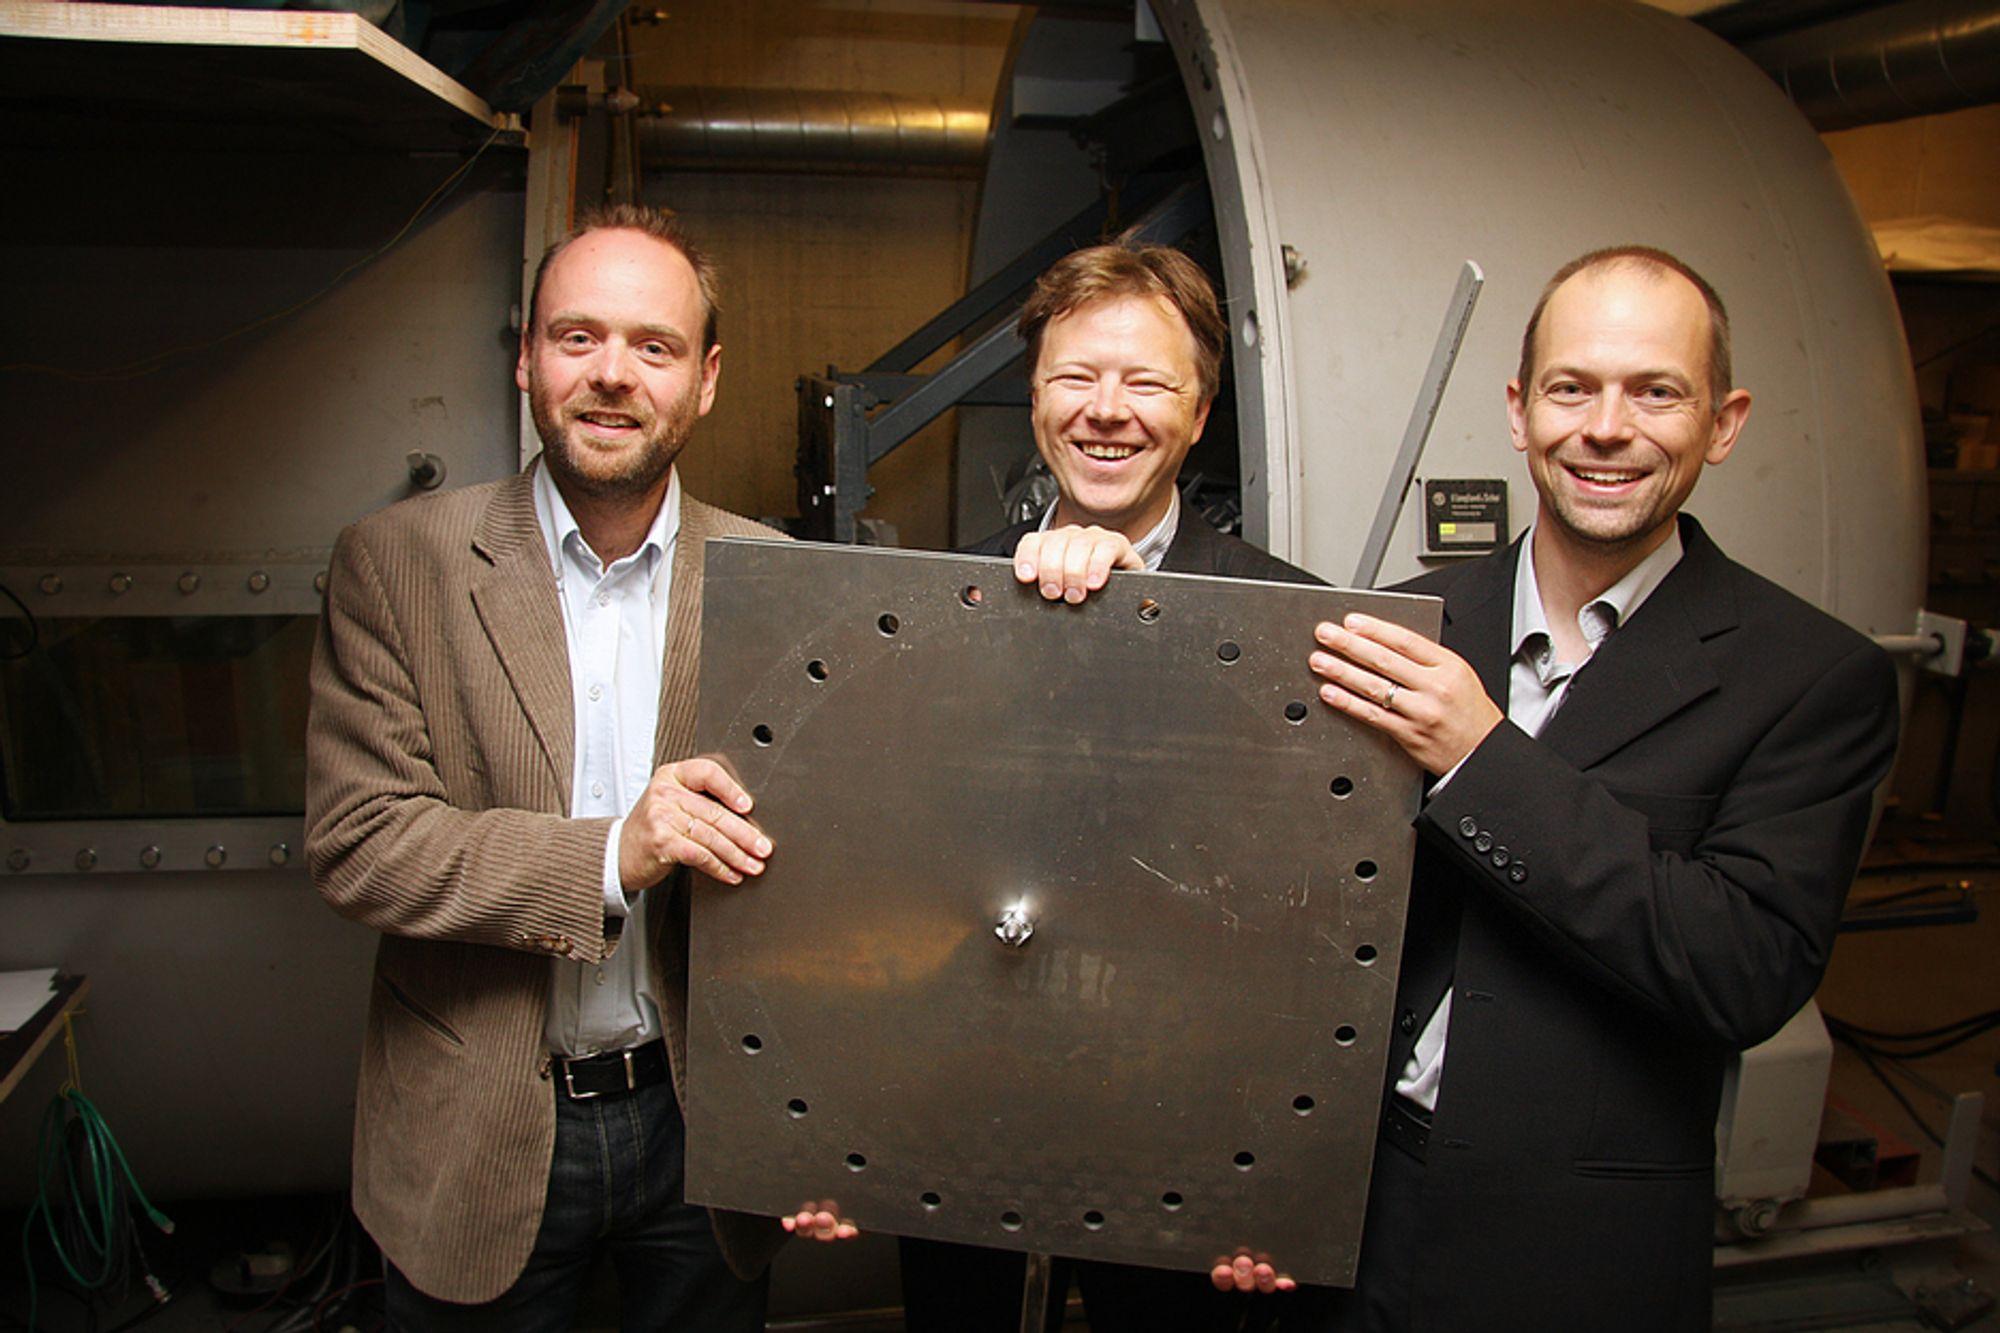 GJENNOMBRUDD: Fysikk-gründerne Arve Grønsund Hanssen (t.v.) og Lars Olovsson (t.h.) med professor Tore Børvik i Forsvarsbygg, som har testet et nytt dataverktøy for fysikksimulering.